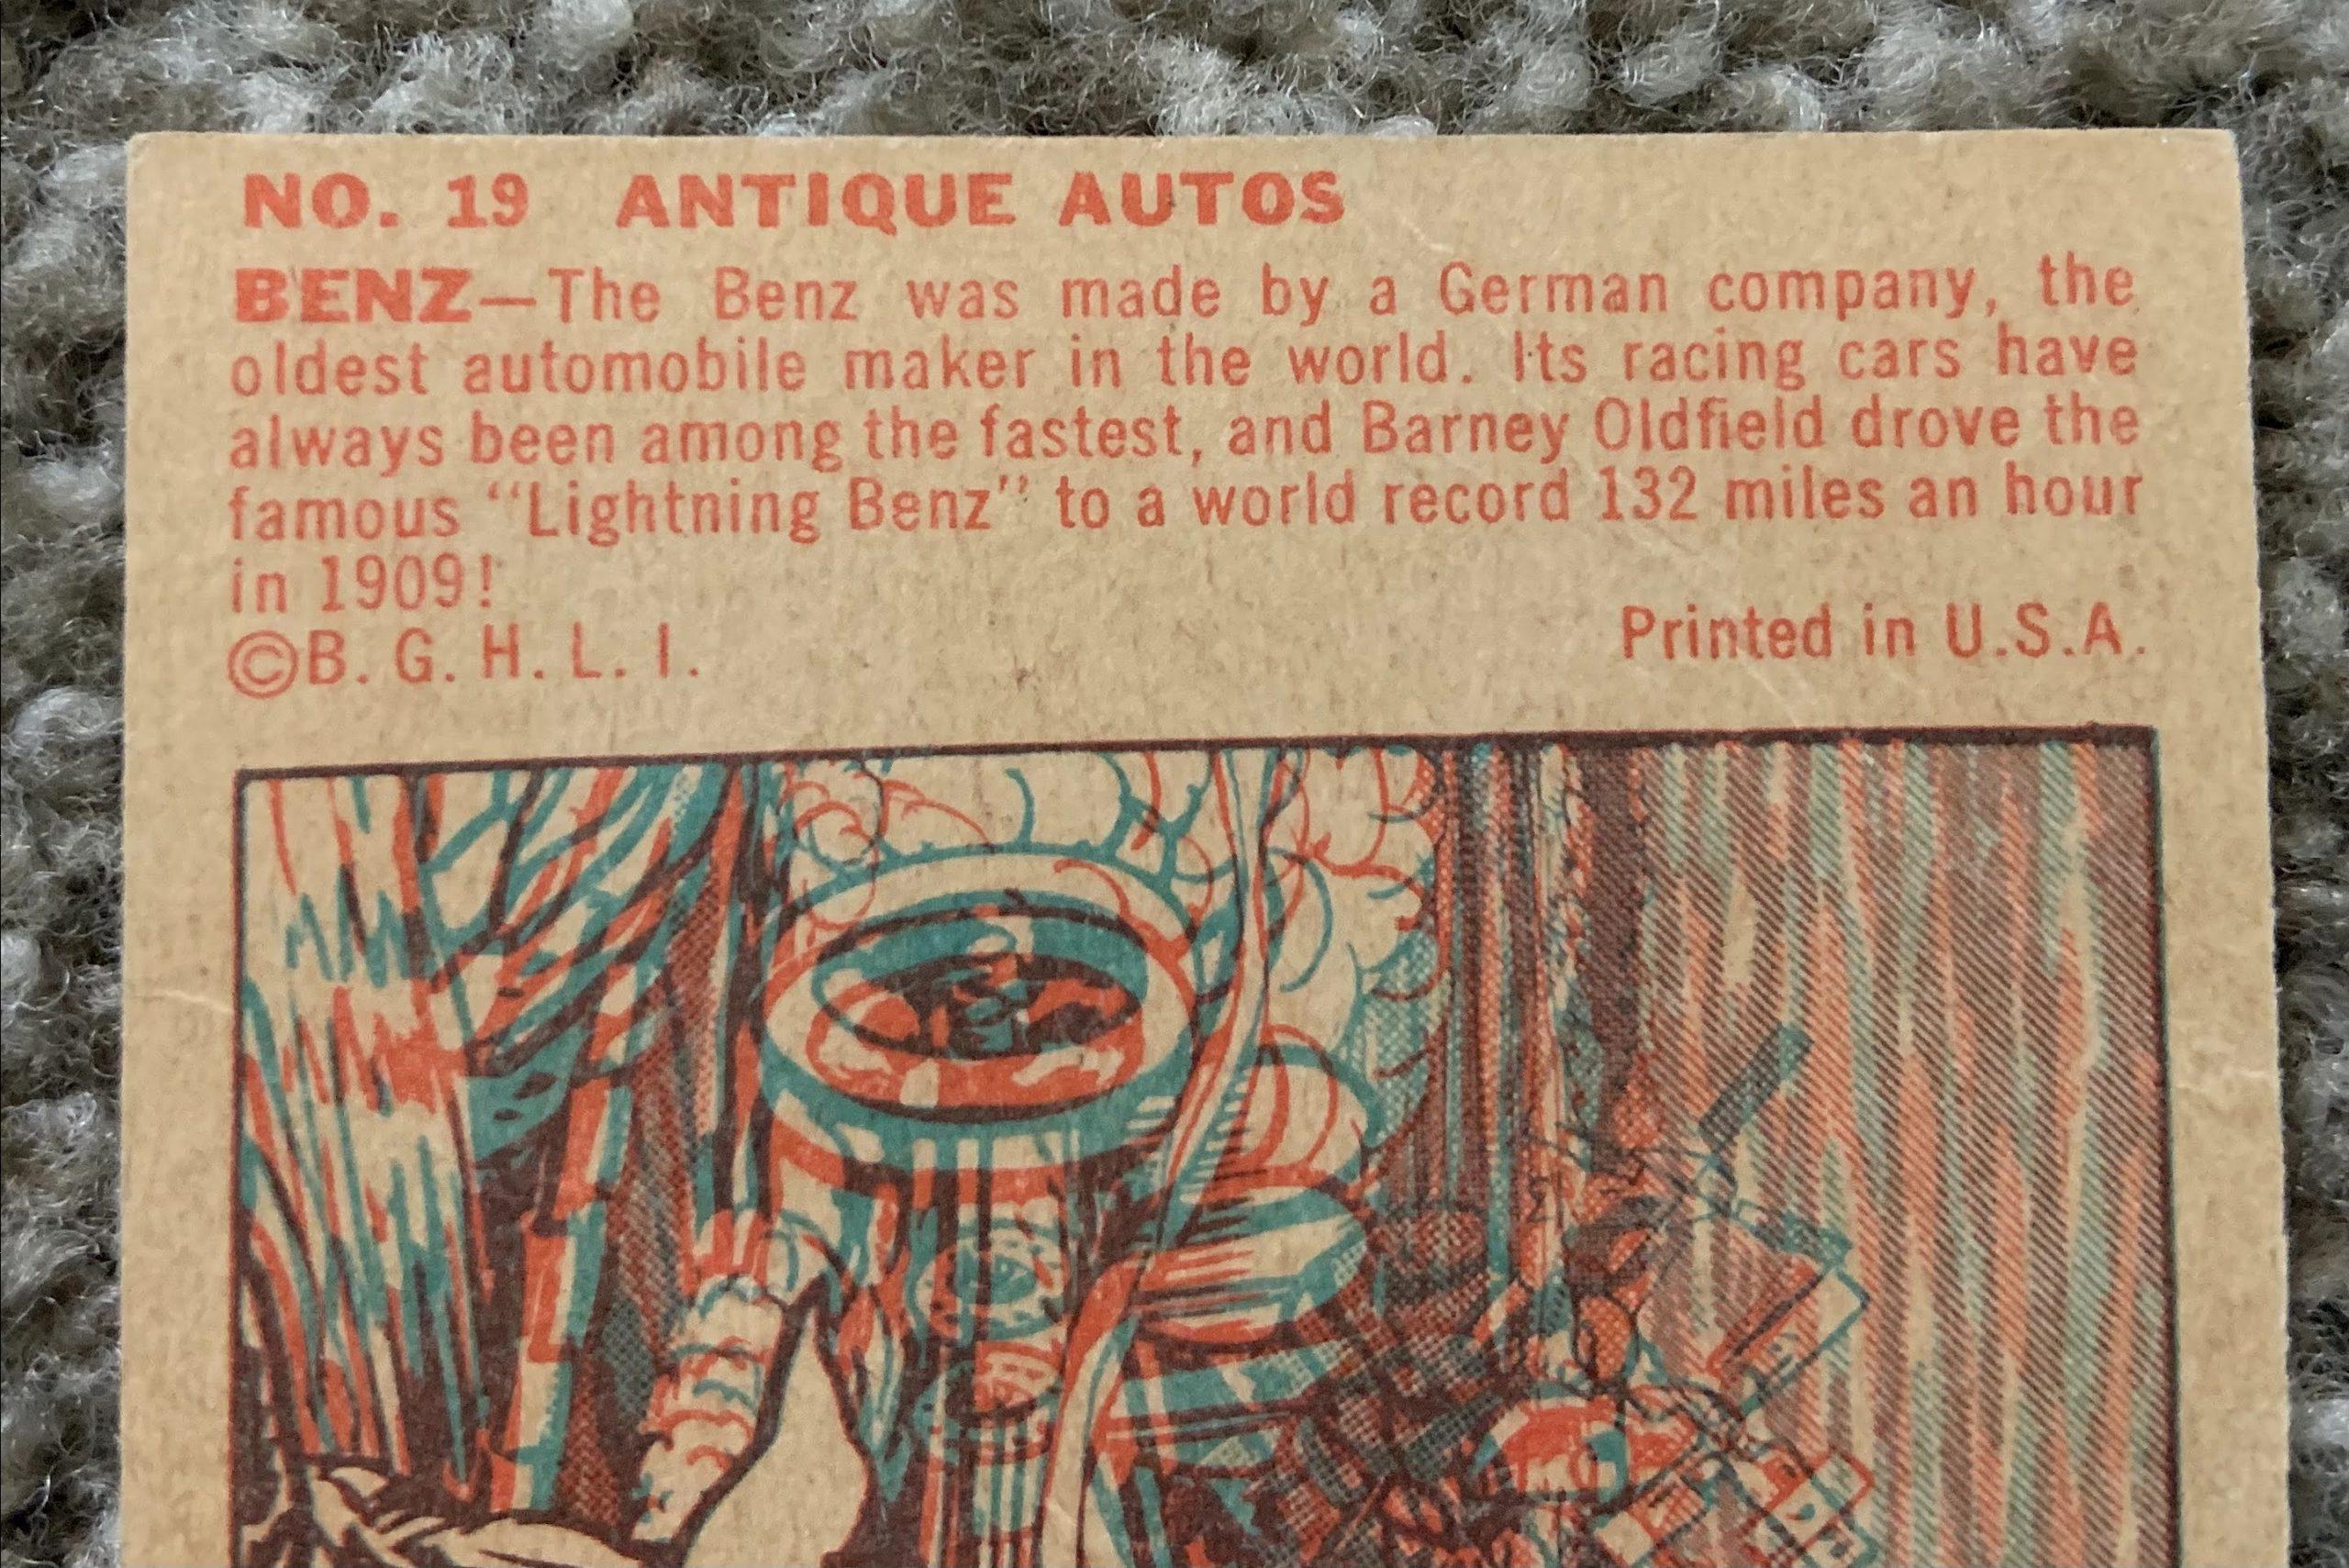 1953 Bowman Antique Autos - No. 19 Benz Racer copy on back